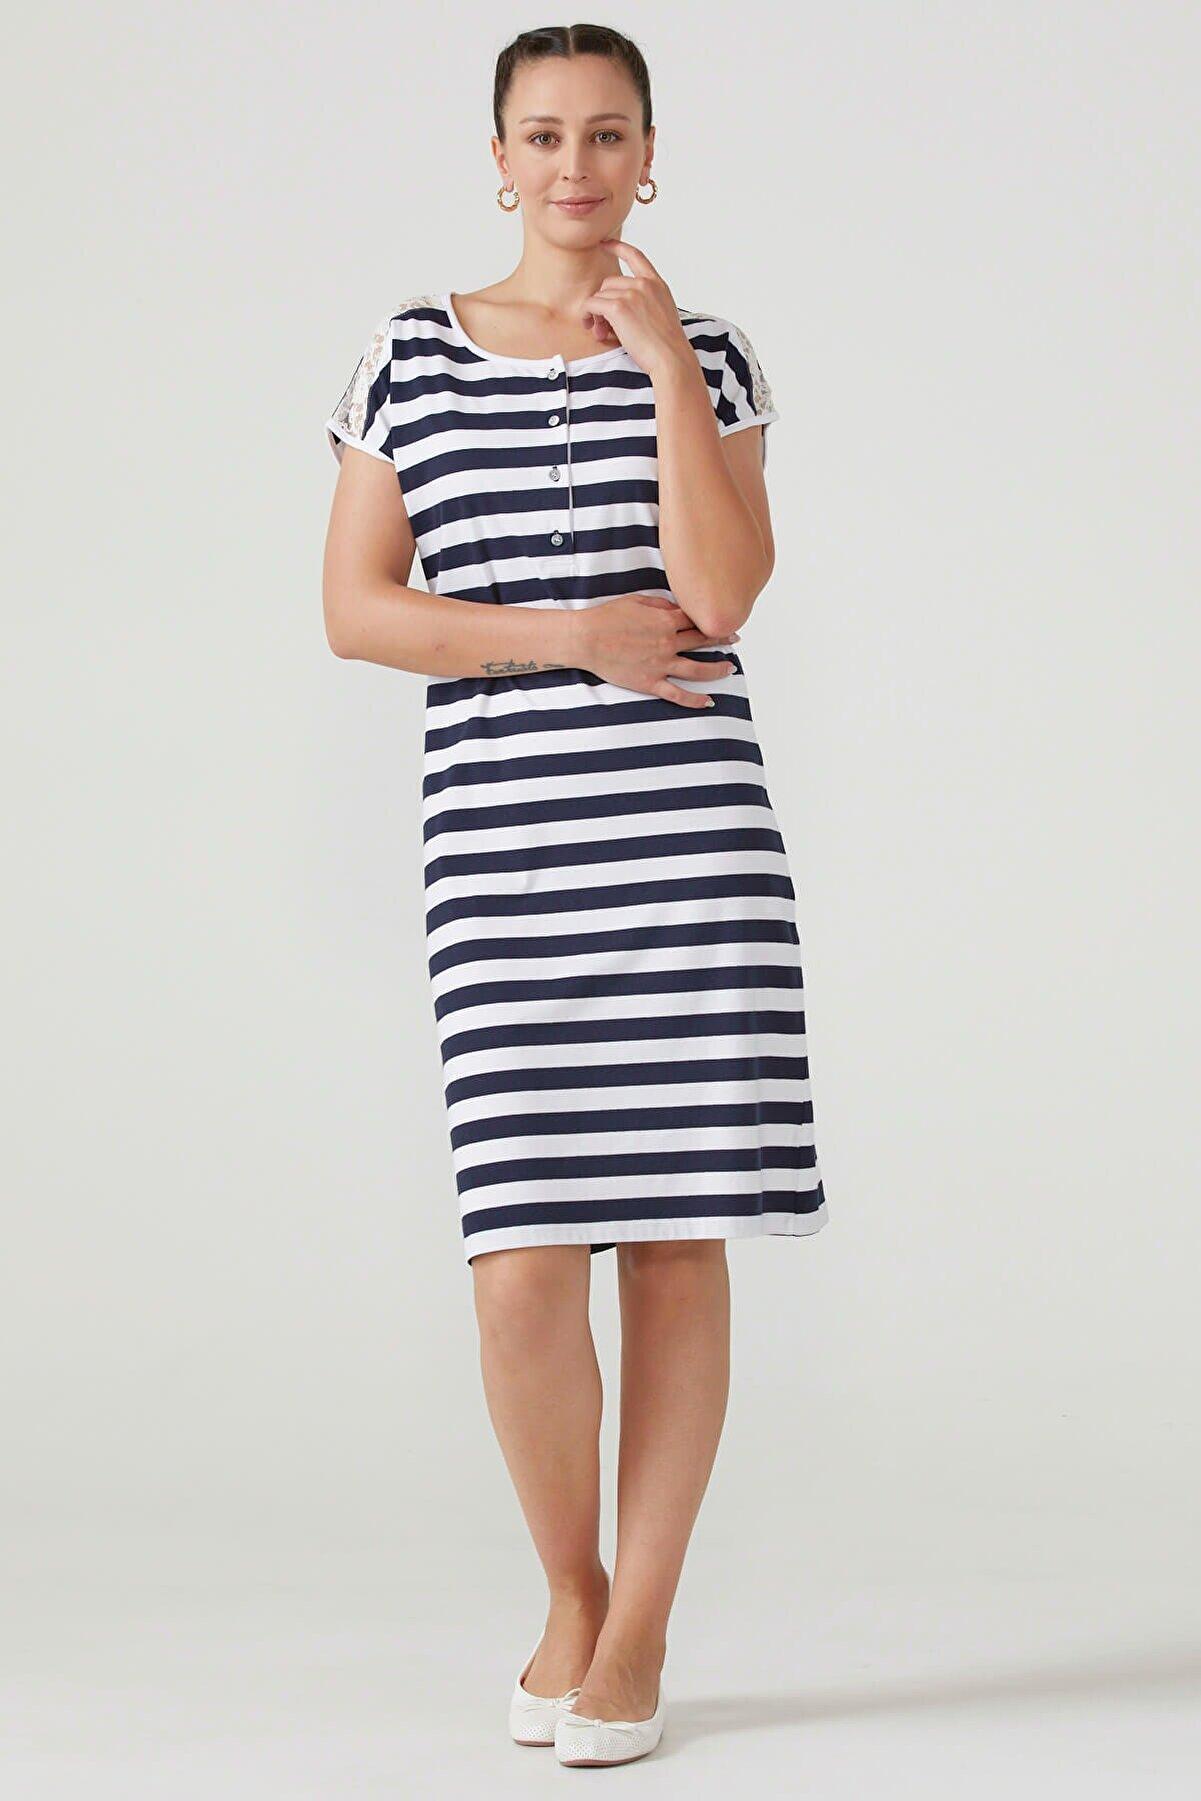 Sementa Kadın Omuzu Dantel Detaylı Çizgili Elbise - Lacivert